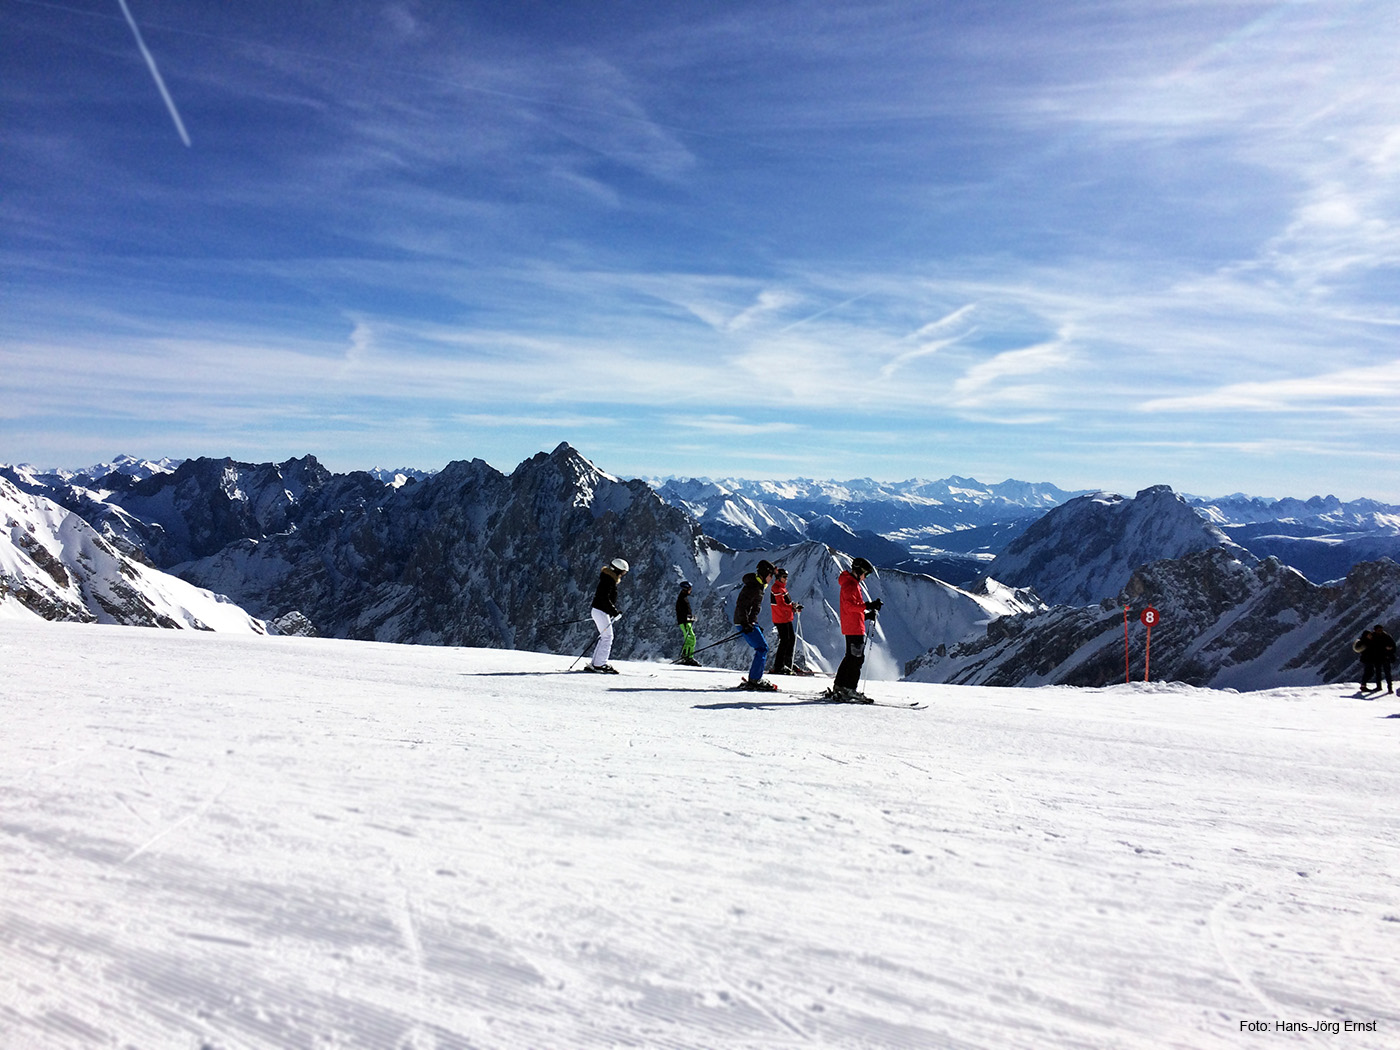 ANKUNFT AM ZUGSPITZPLATT Ski untergeschnallt und los geht's - Juhuu!